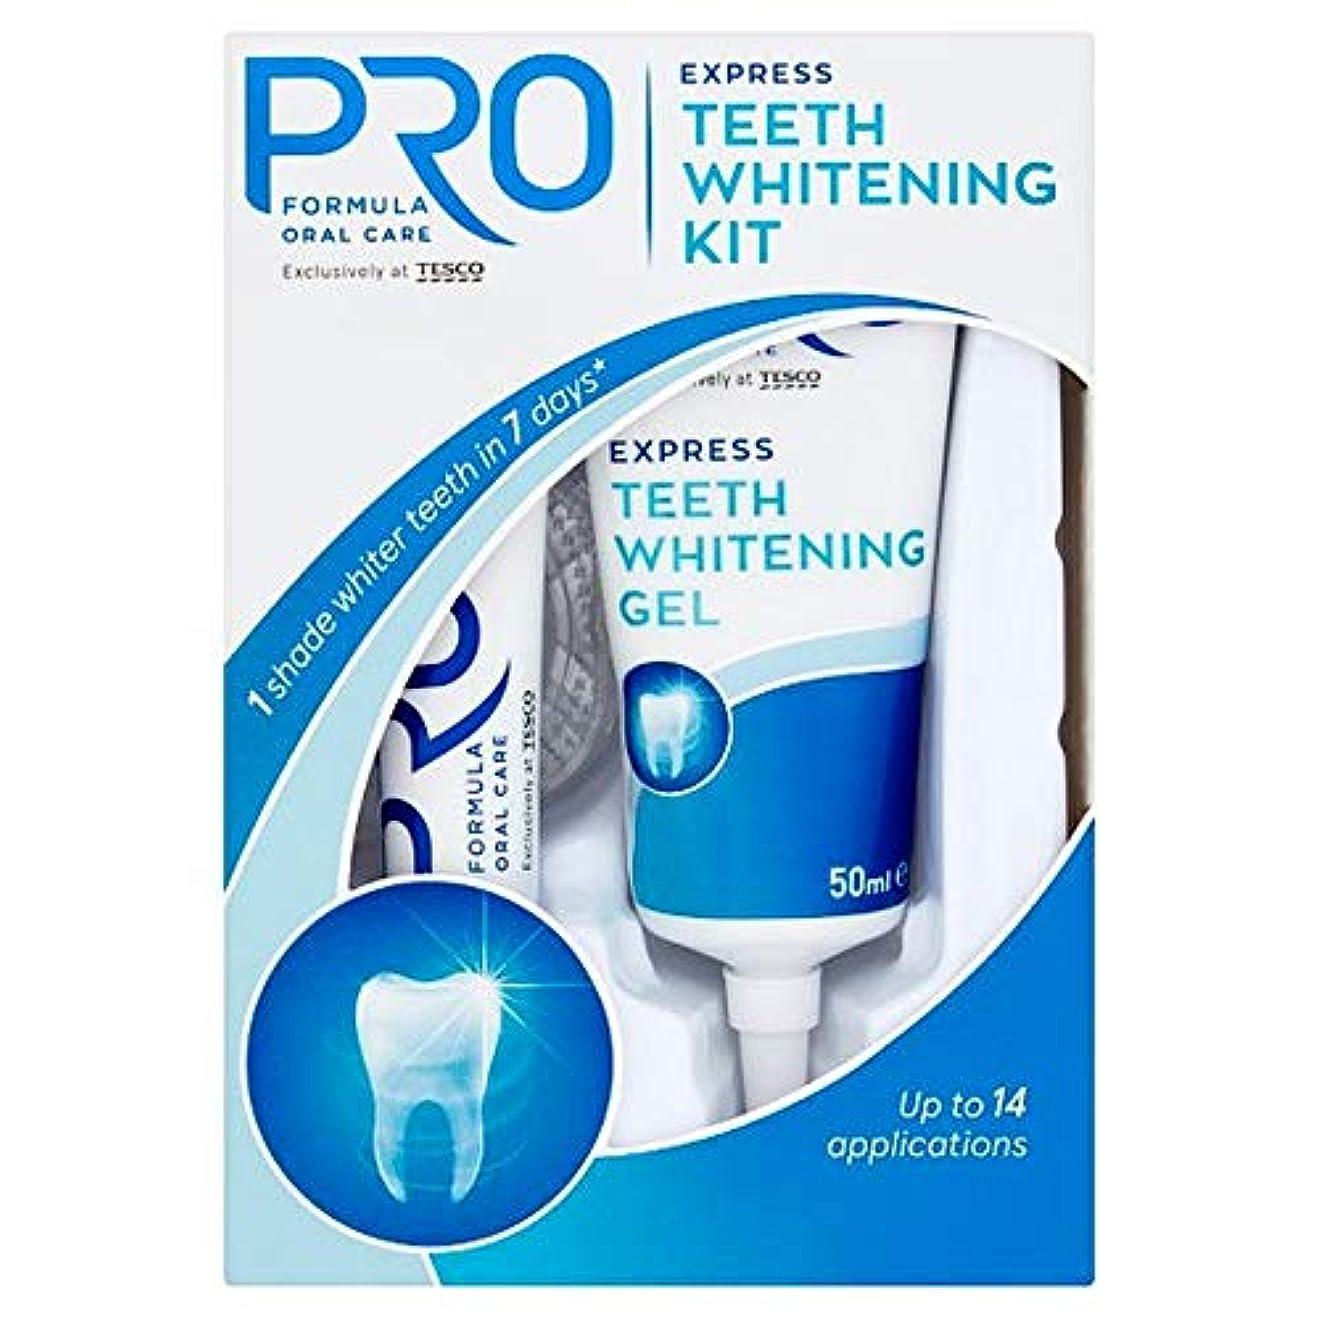 ネット圧力正気[Pro Formula] キット66 Mlのホワイトニングプロ式歯 - Pro Formula Teeth Whitening Kit 66 Ml [並行輸入品]